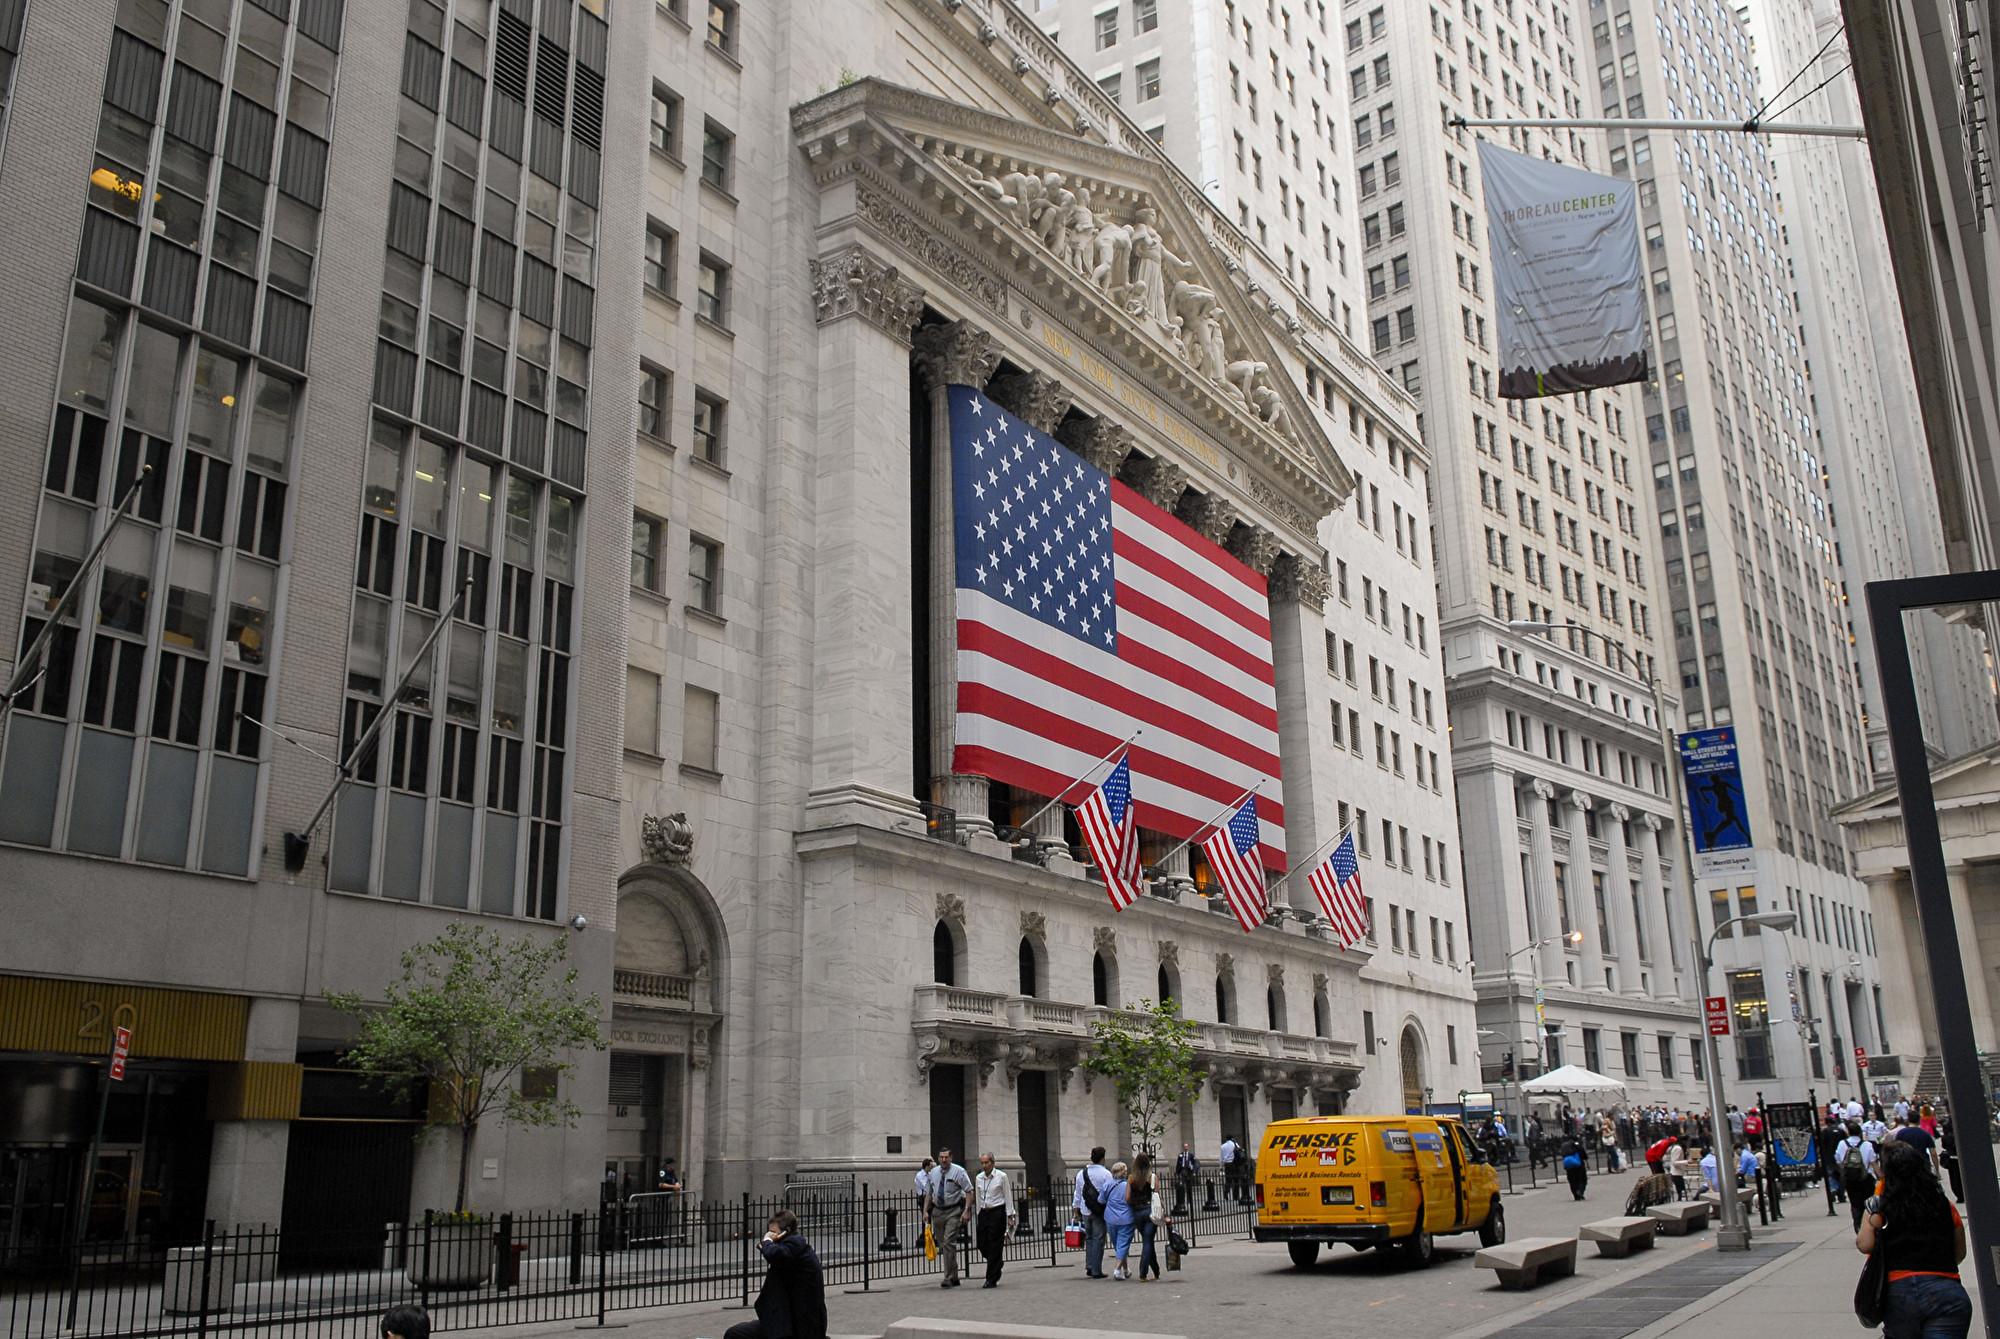 美媒:中共正對所有美國人施加財務影響力